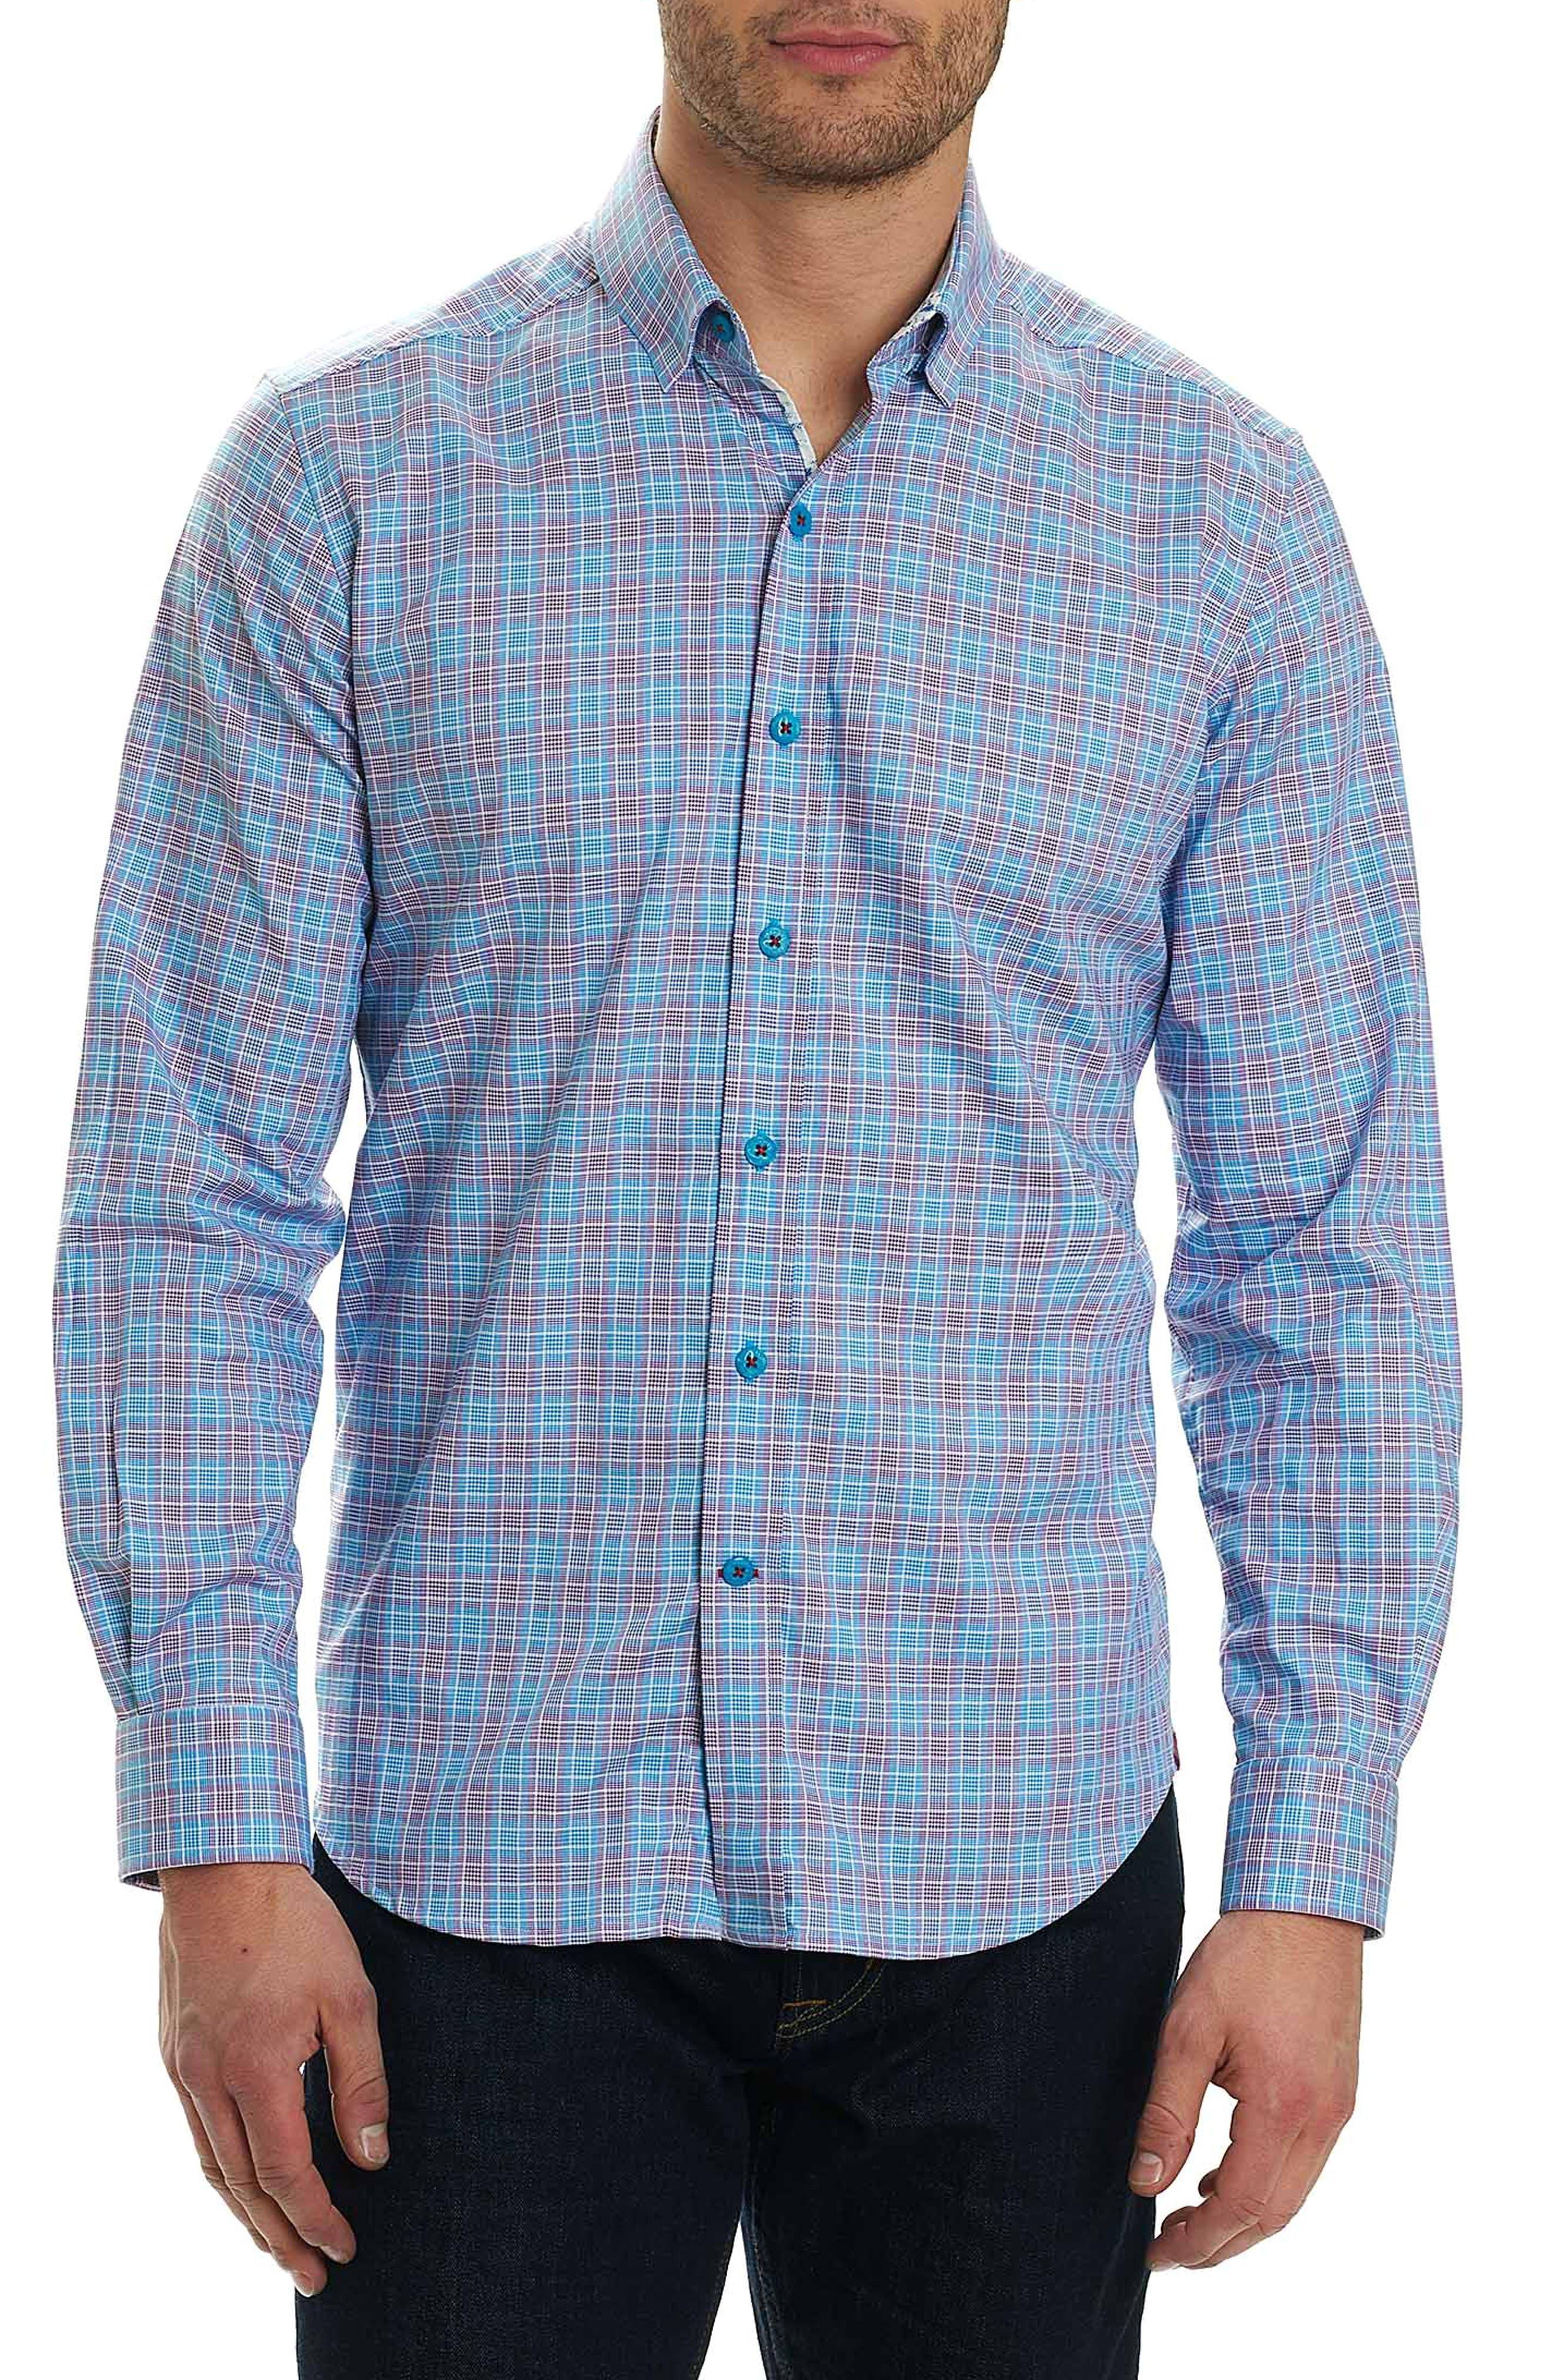 Ryan Regular Fit Sport Shirt,                         Main,                         color, 510